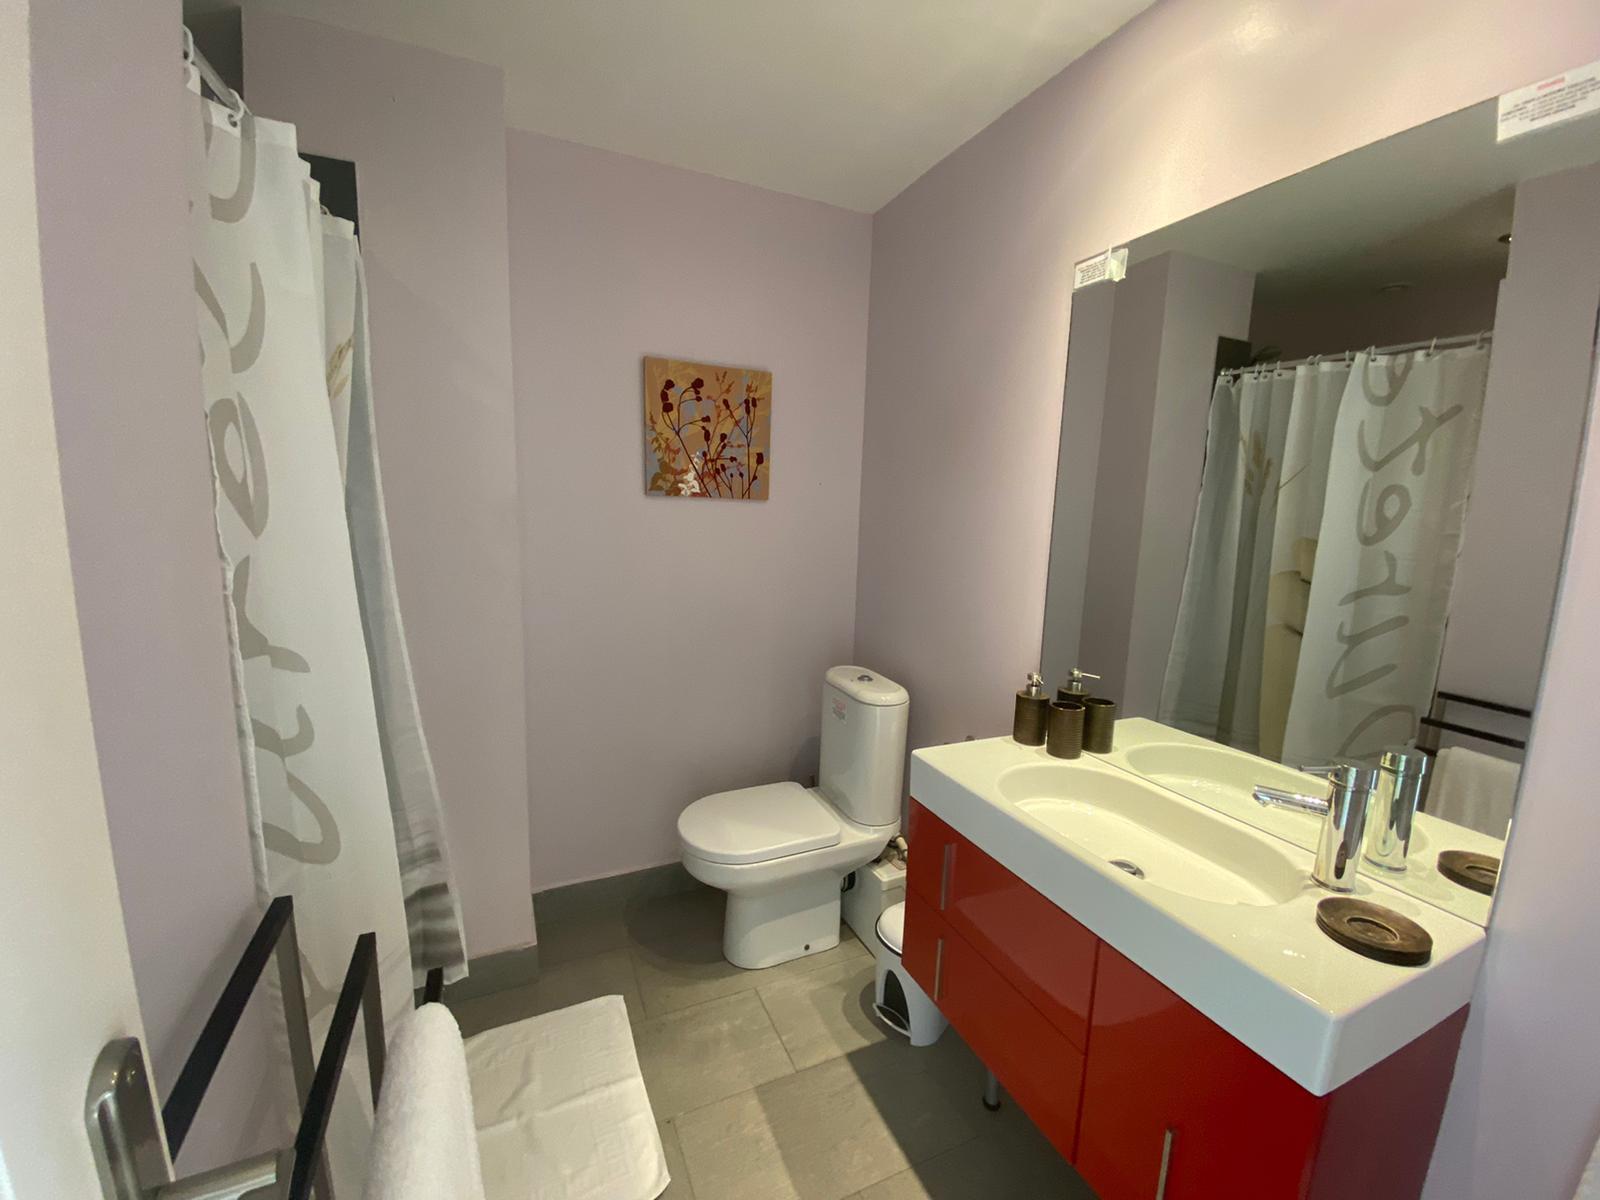 Imagen 37 del Apartamento Turístico, Ático 1 Levante (3d+2b), Punta del Moral (HUELVA), Paseo de la Cruz nº22